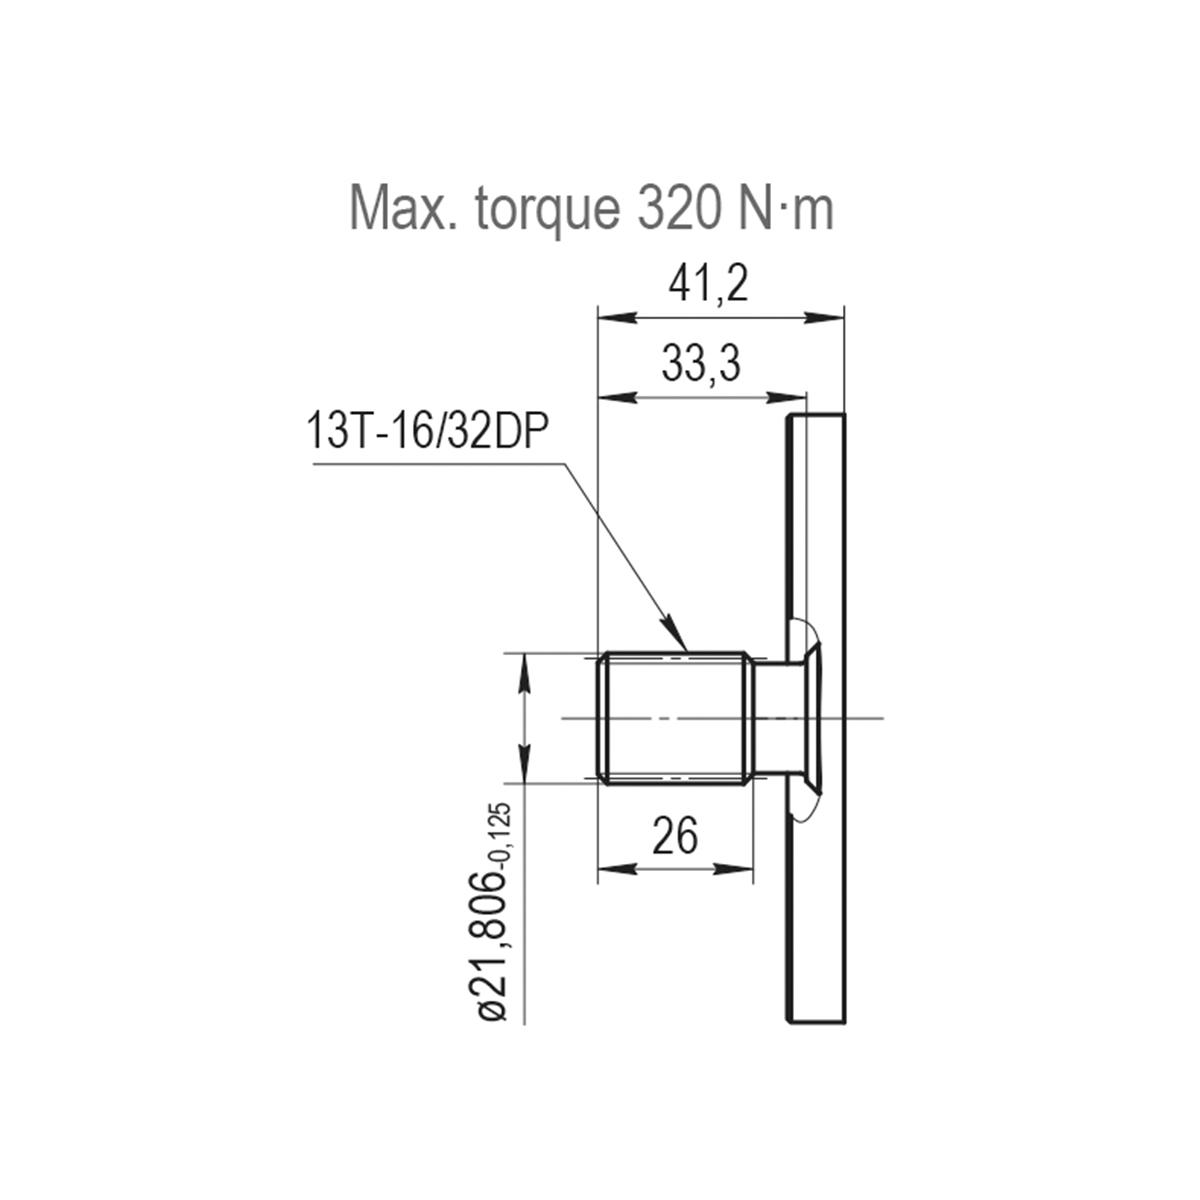 1.52 CID hydraulic gear pump, 13 tooth spline shaft counter-clockwise gear pump | Magister Hydraulics